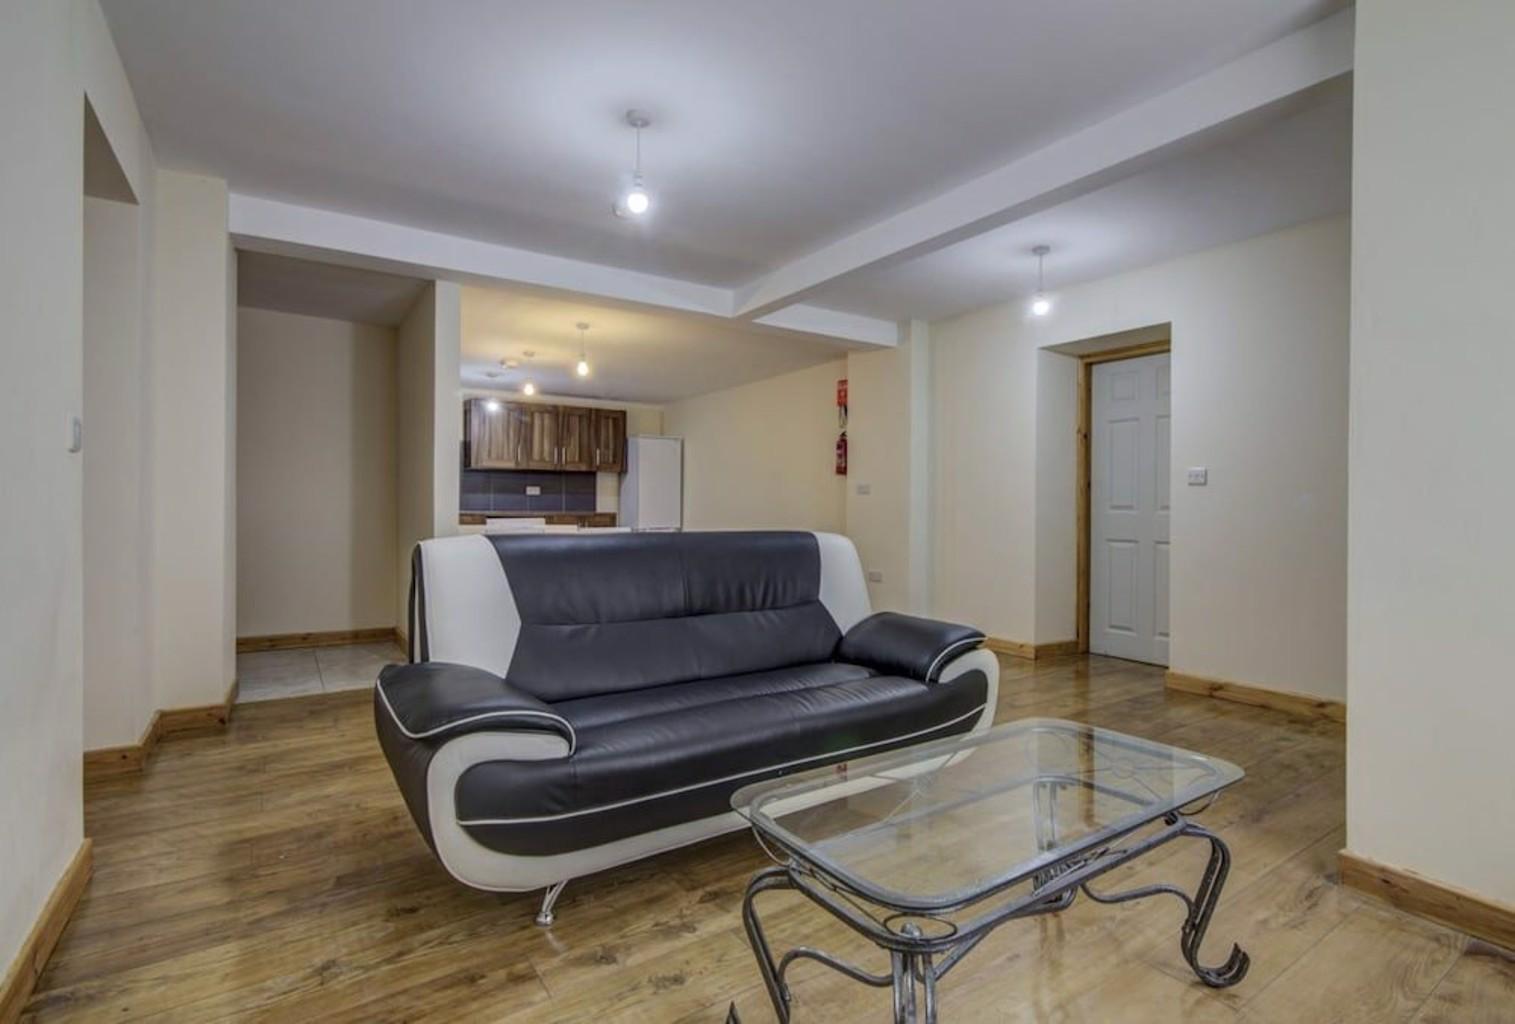 2 Bedroom Luxury Apartments Throstle's Nest